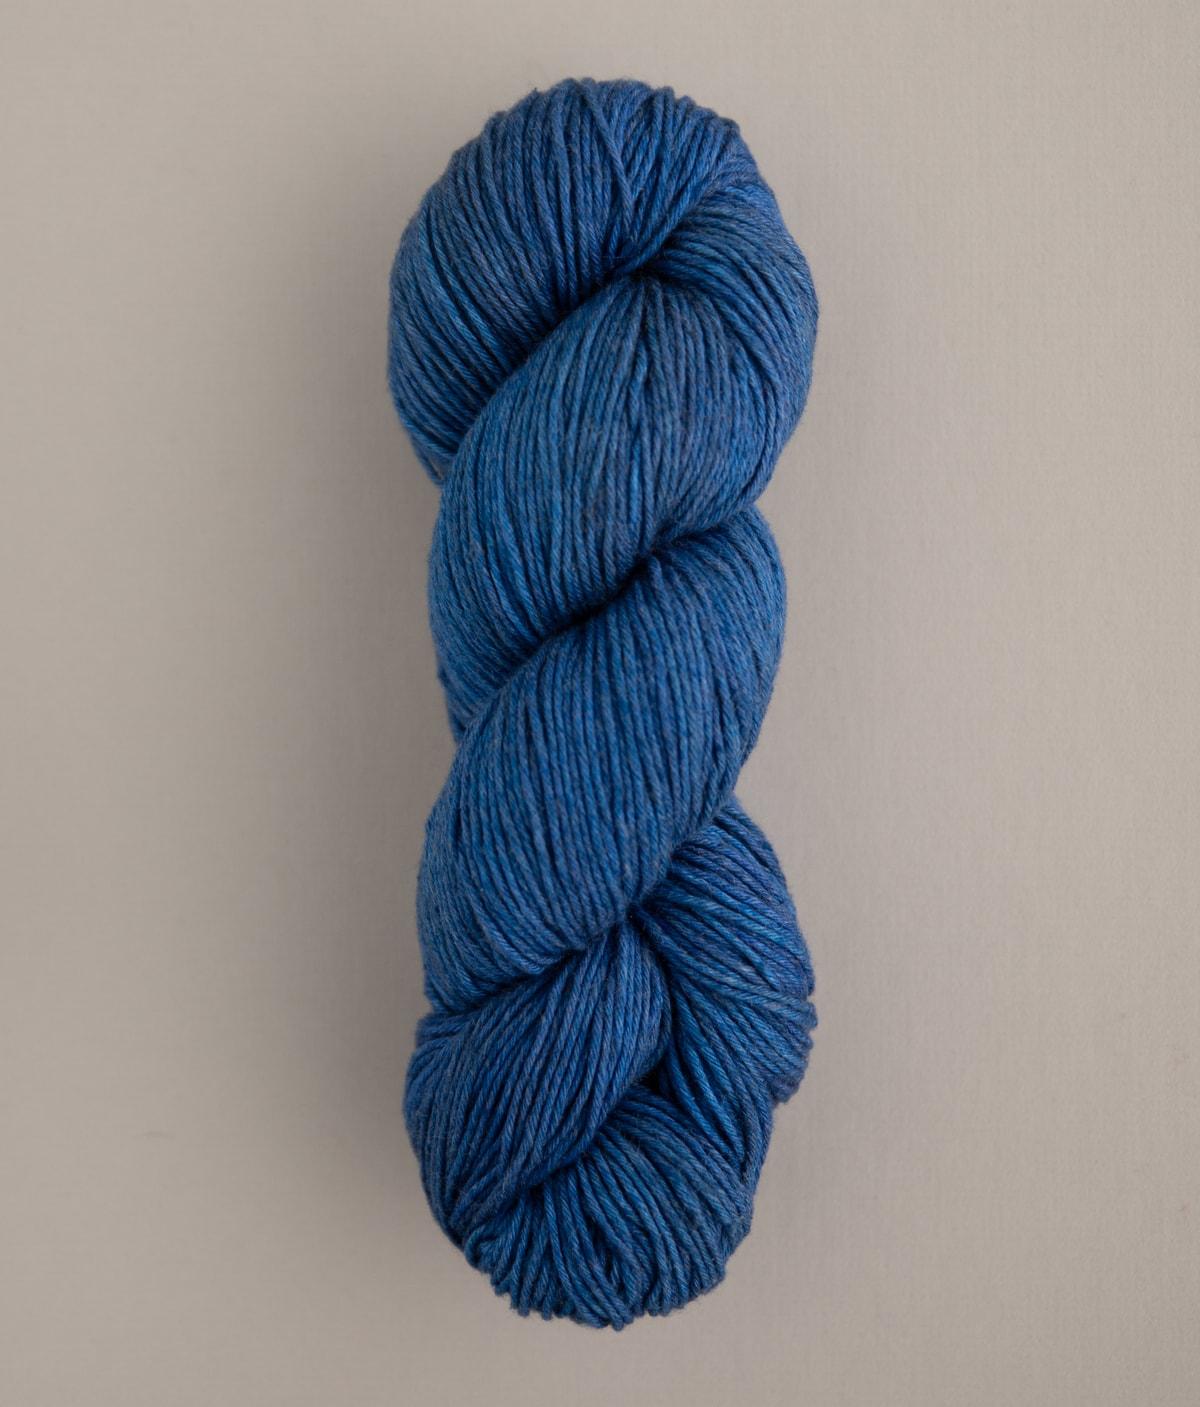 Hand Spun Yarn 73g Wool and Silk 243m Sky Blue DK Weight